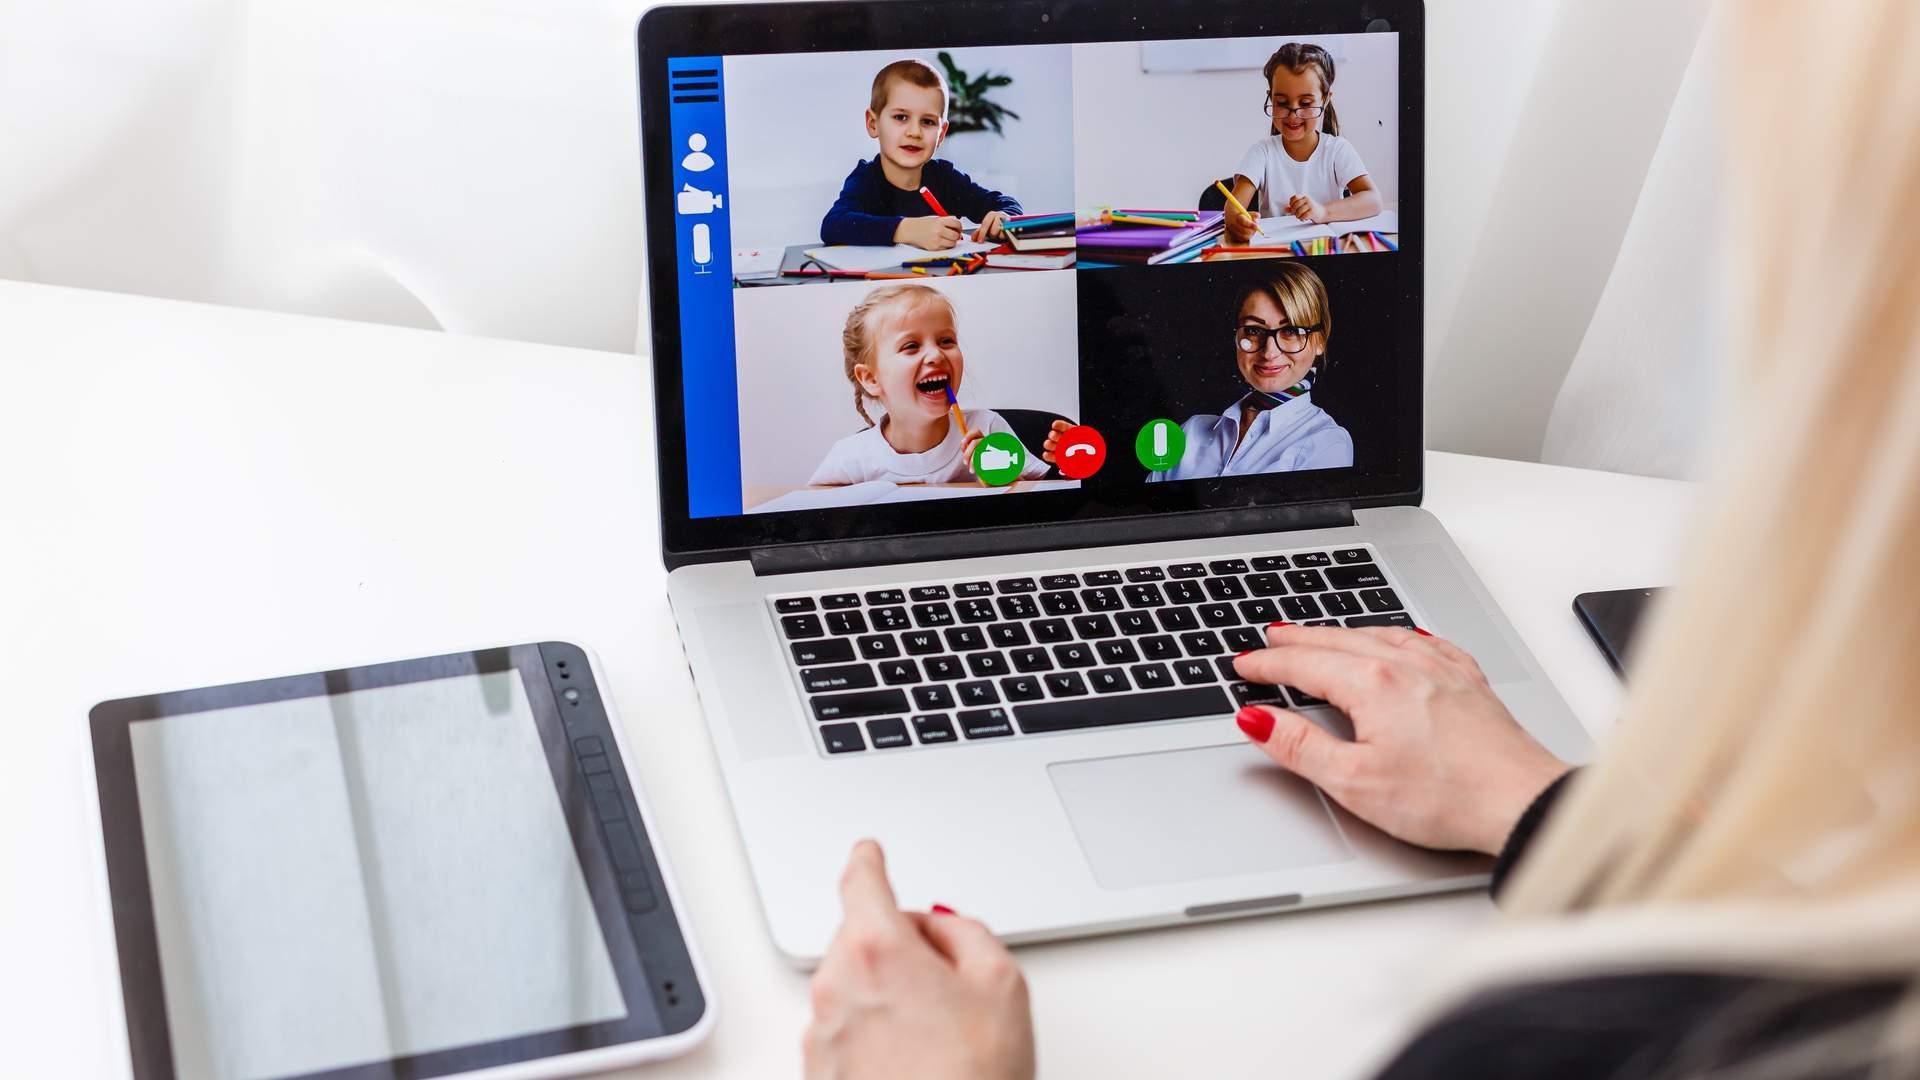 Notebook exibindo aula online na tela sobre mesa branca, com tablet preto ao lado